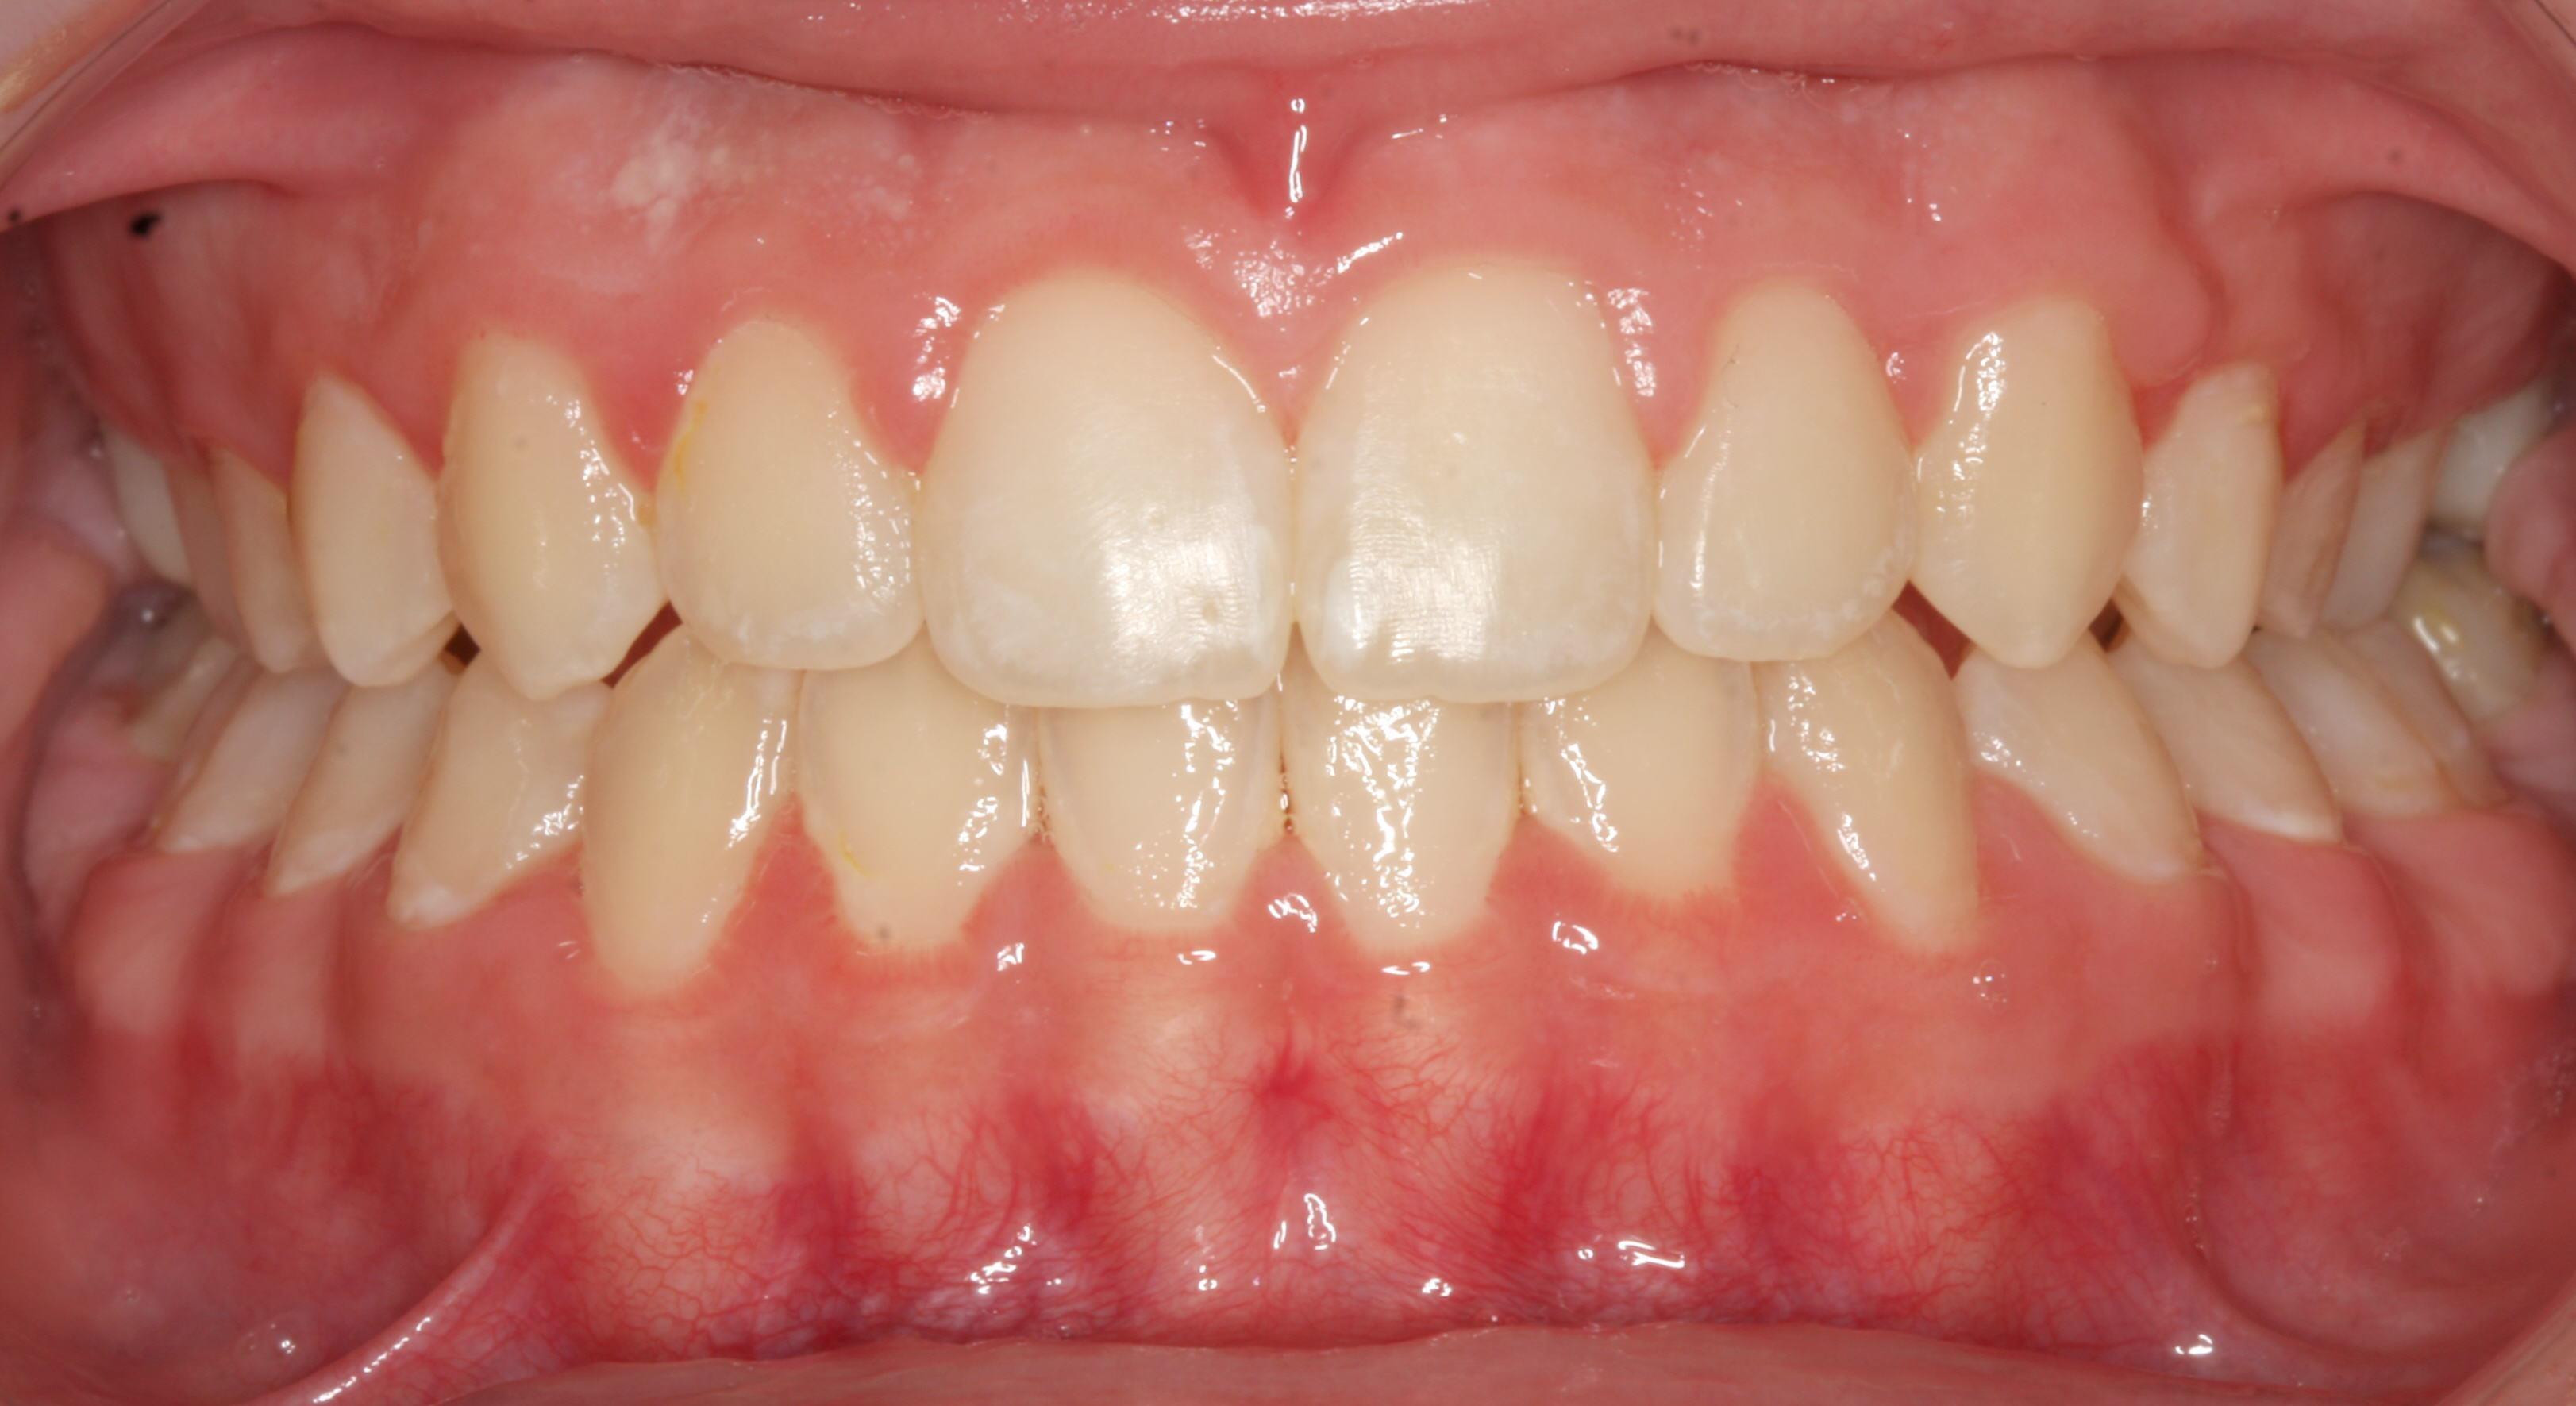 کراسبایت دندان چیست؟